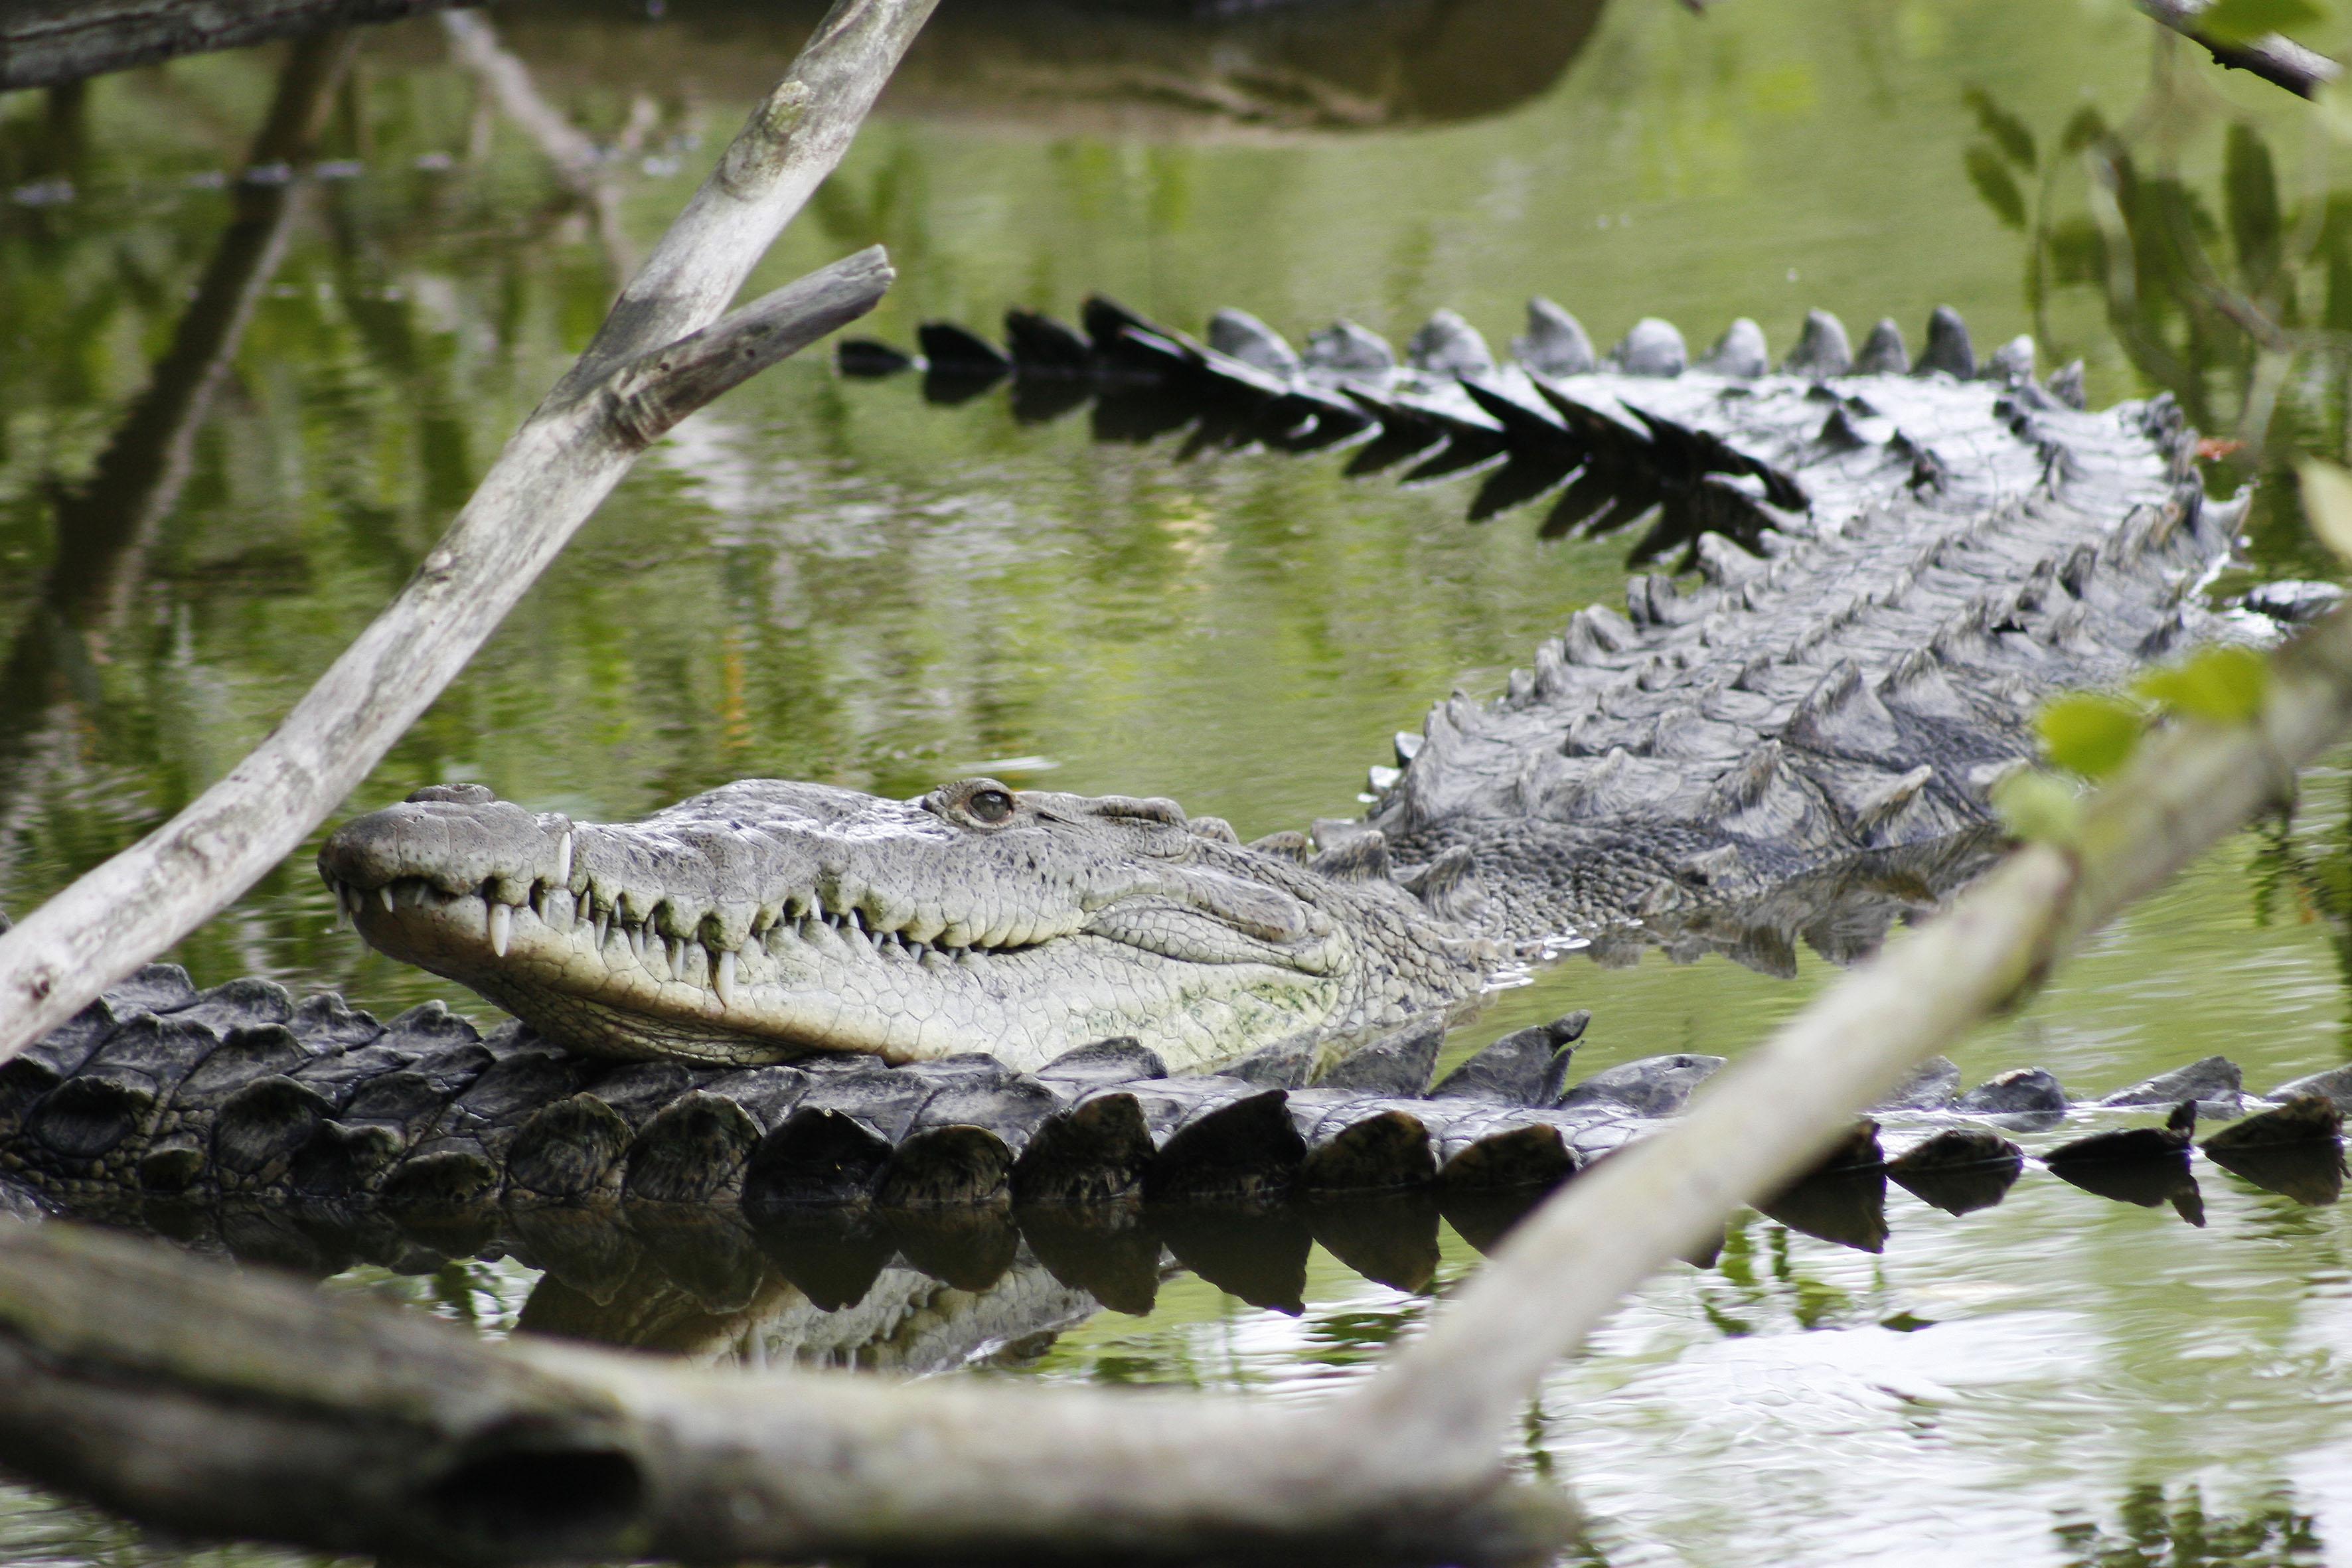 Dos cocodrilos en un pantano, uno tiene la cabeza recostada en la cola del otro